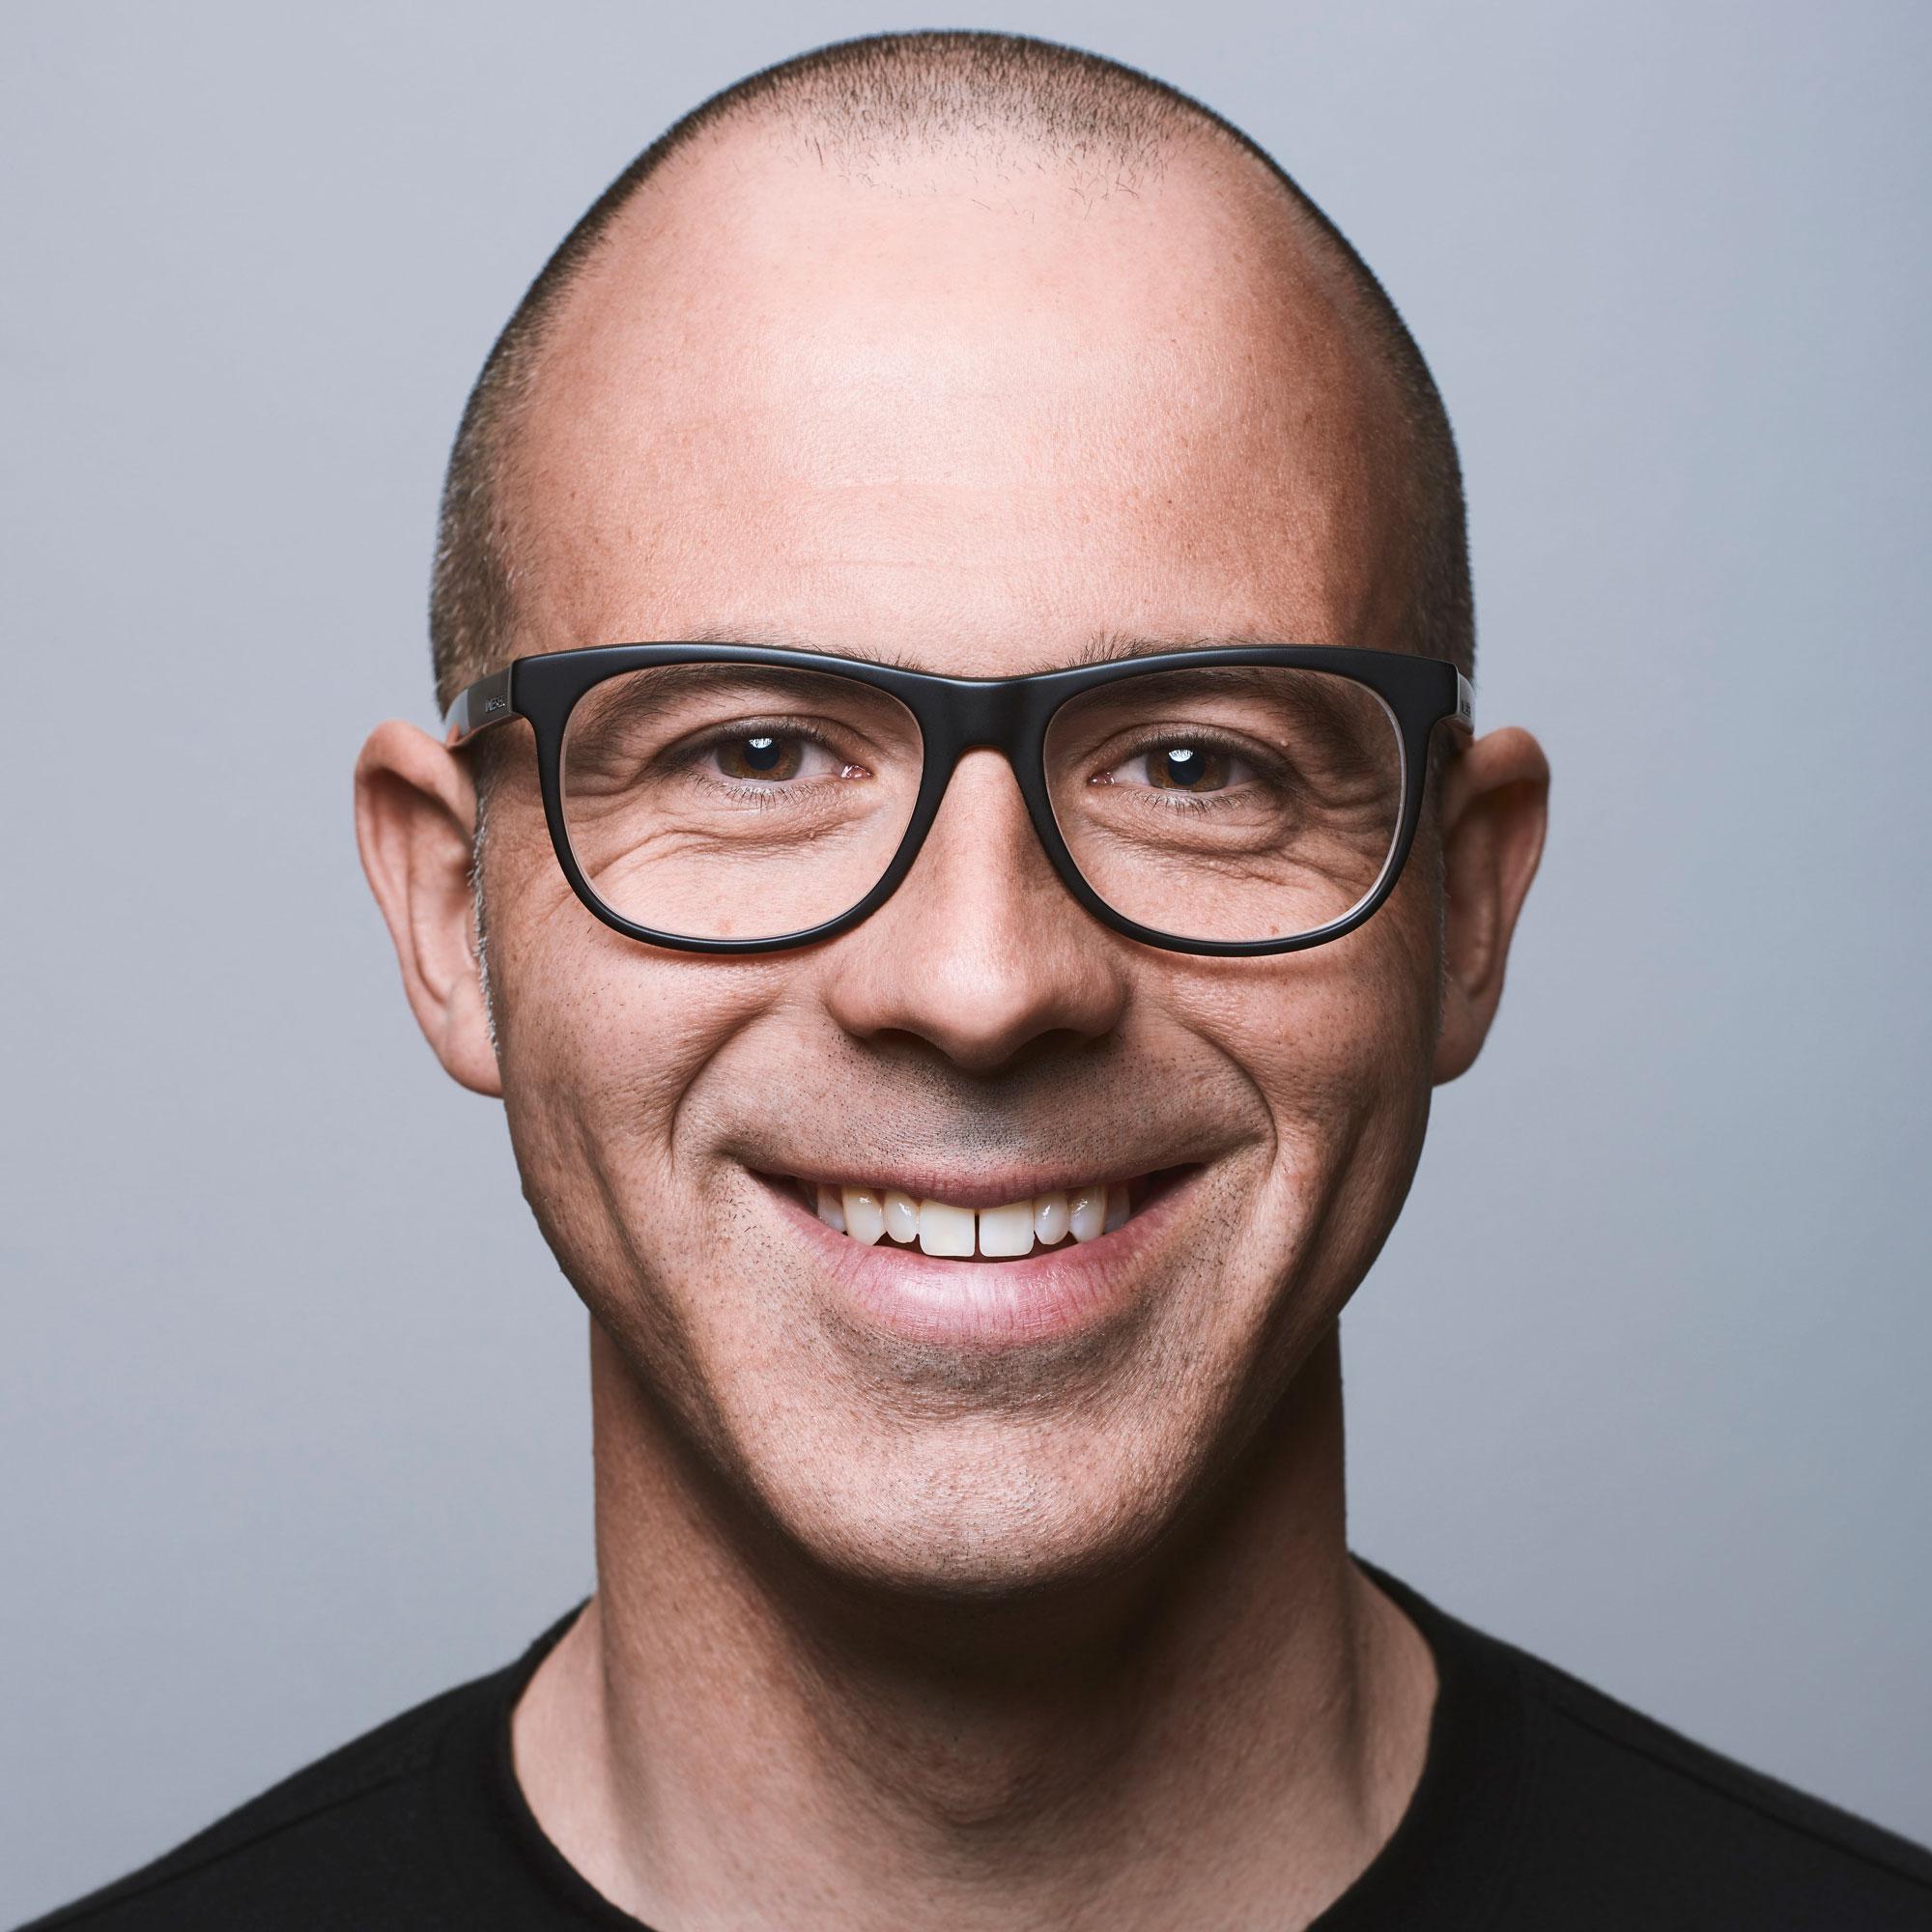 Paolo Corradeghini portrait